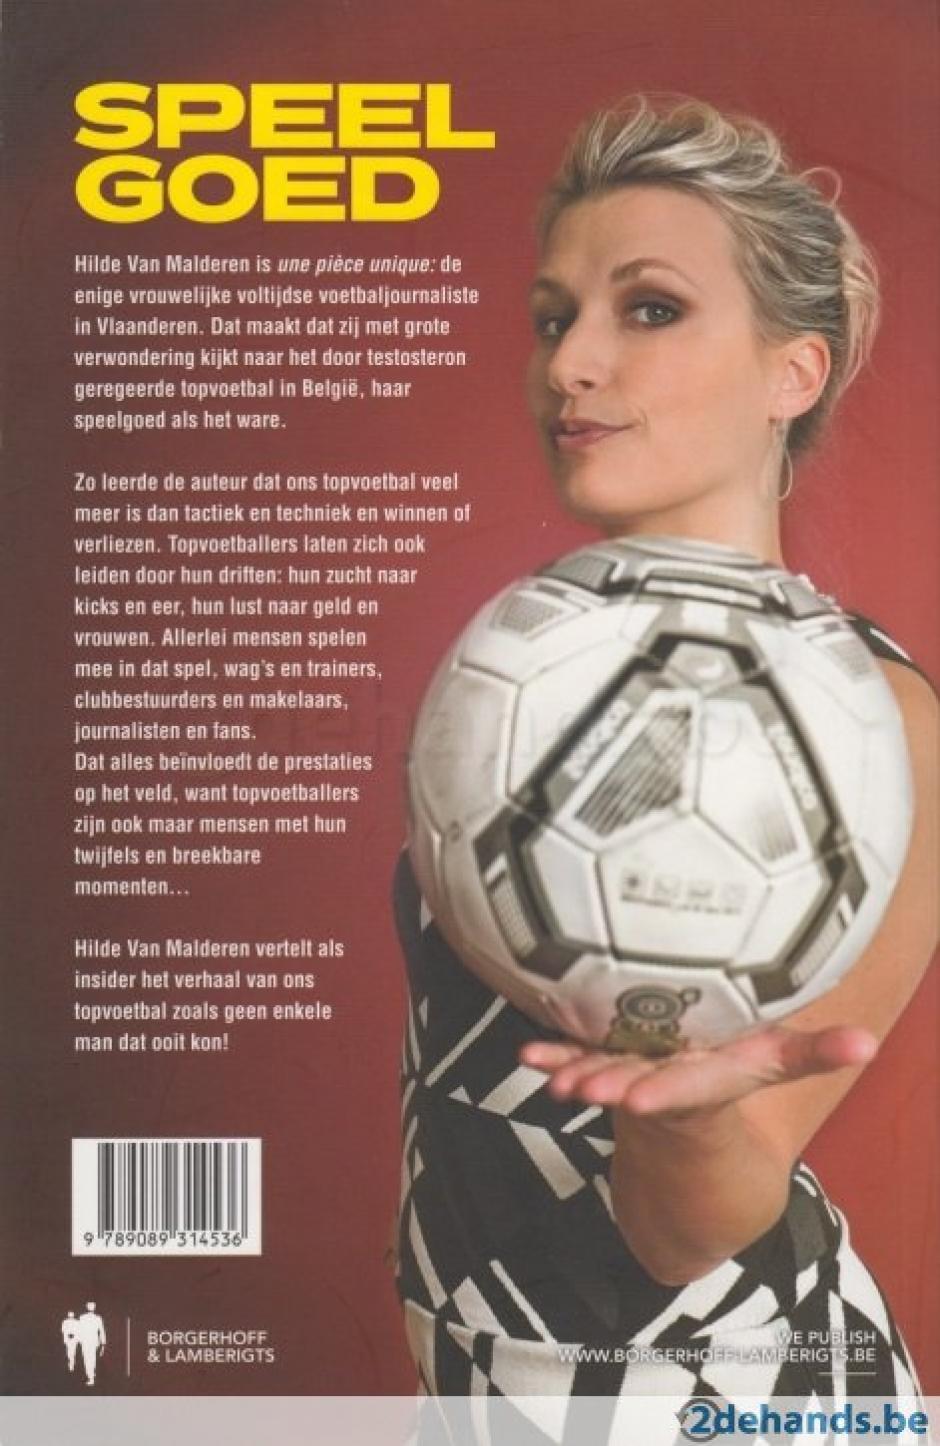 Esta es la contraportada del libro de Hilde Van Malderen. (Foto: borgerhoff)